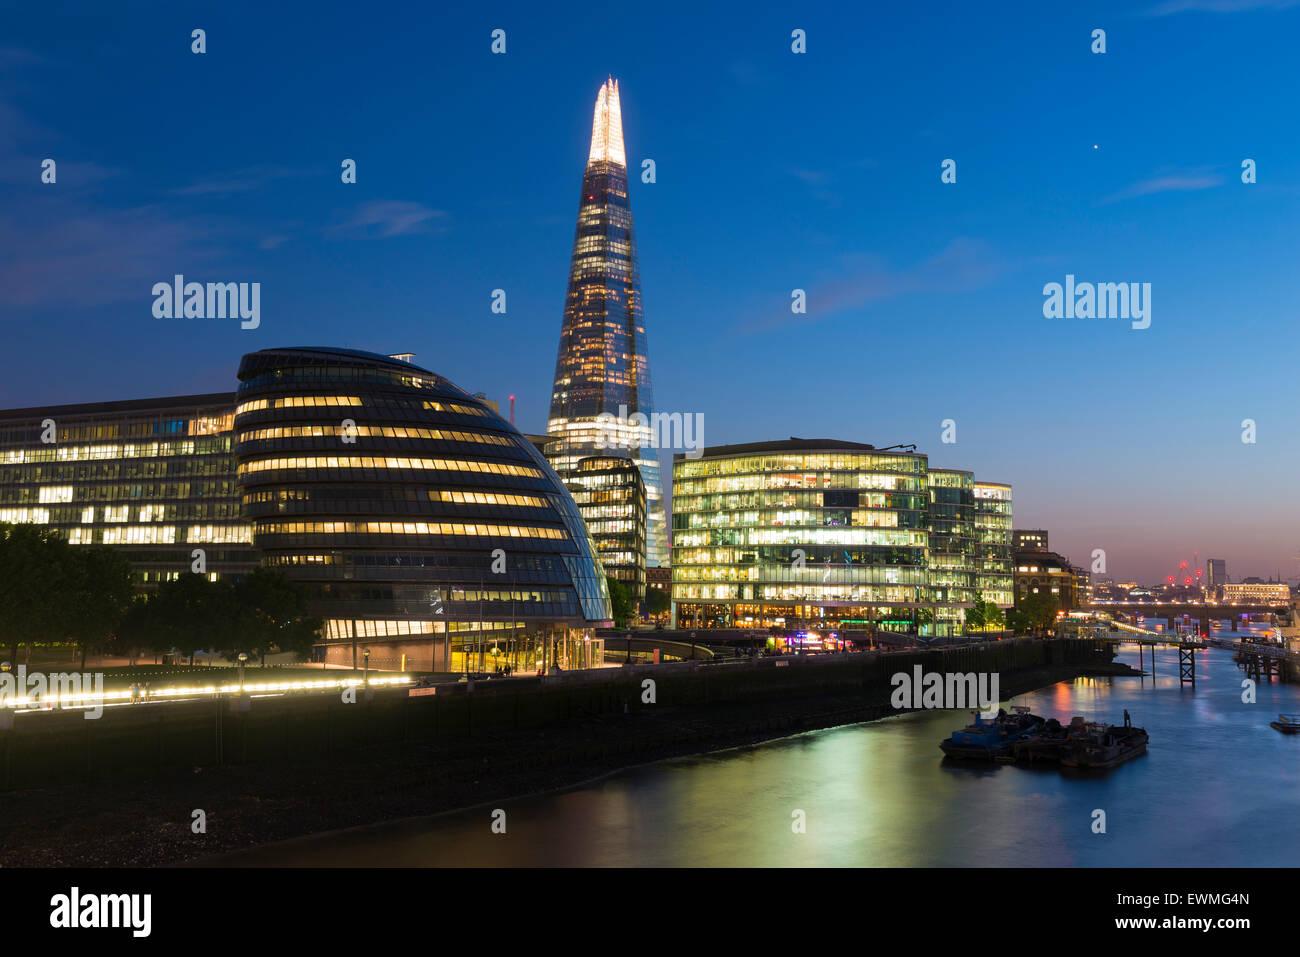 Il grattacielo Shard, Thames, London, England, Regno Unito Immagini Stock